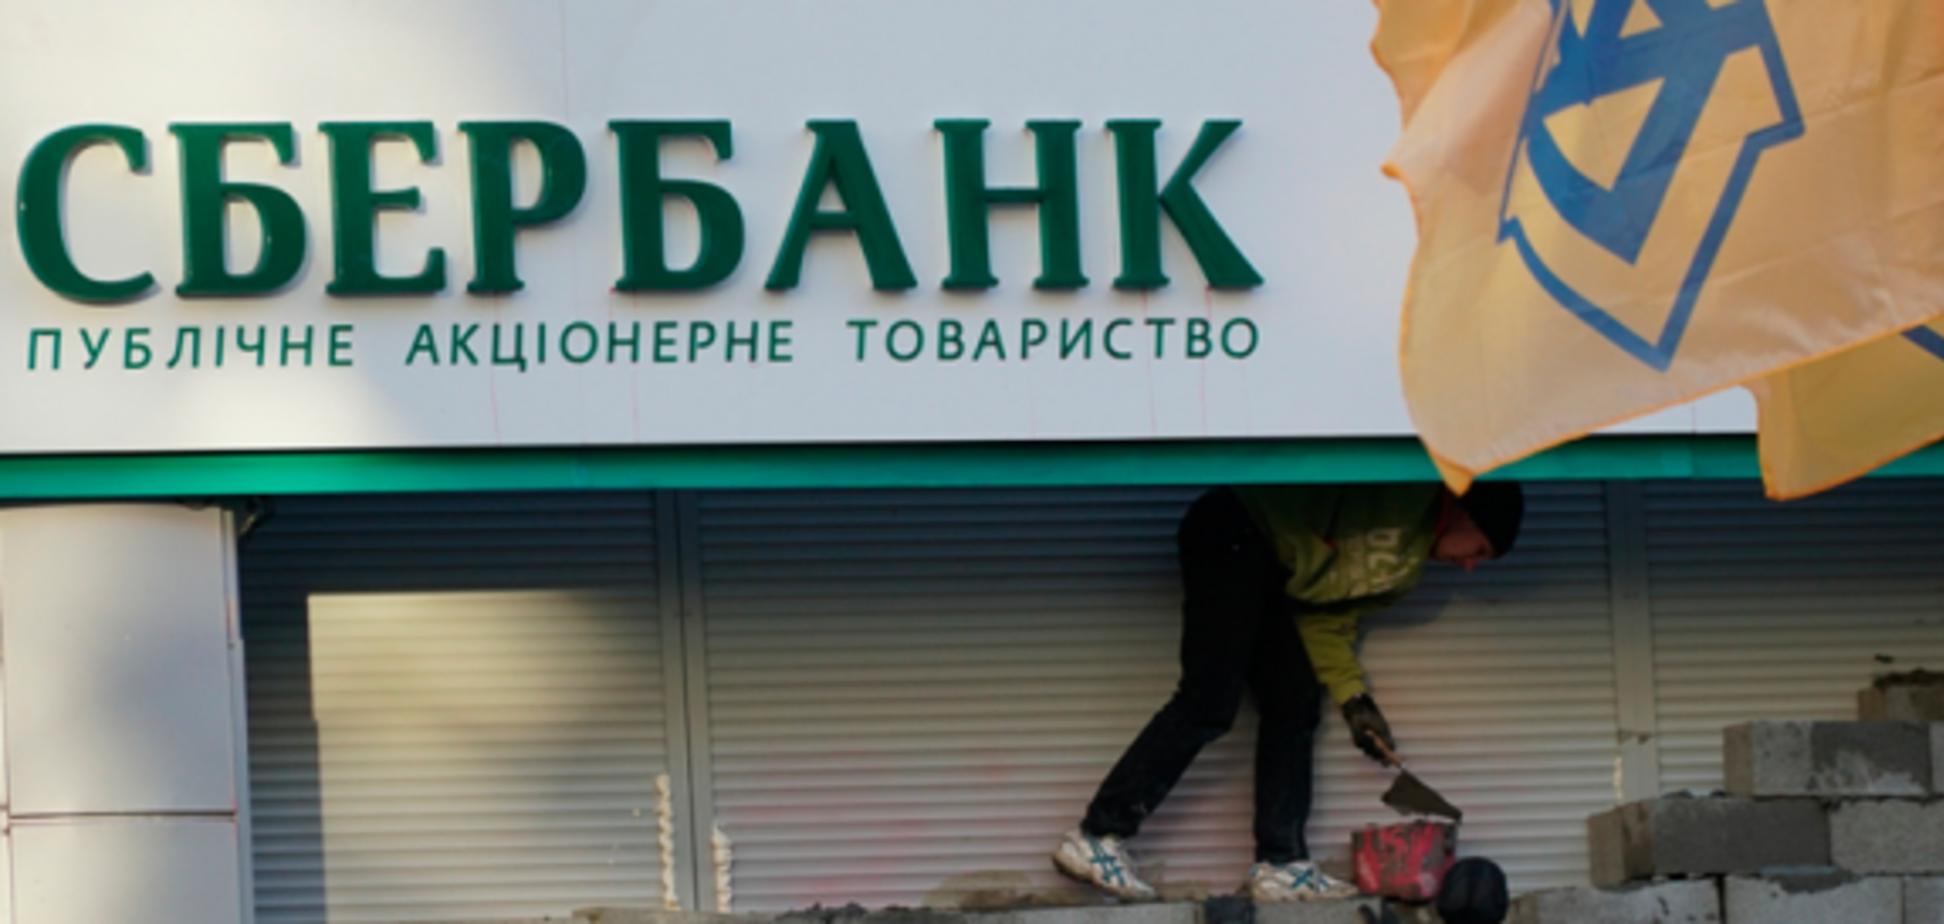 Арешт акцій російських банків: які реальні наслідки